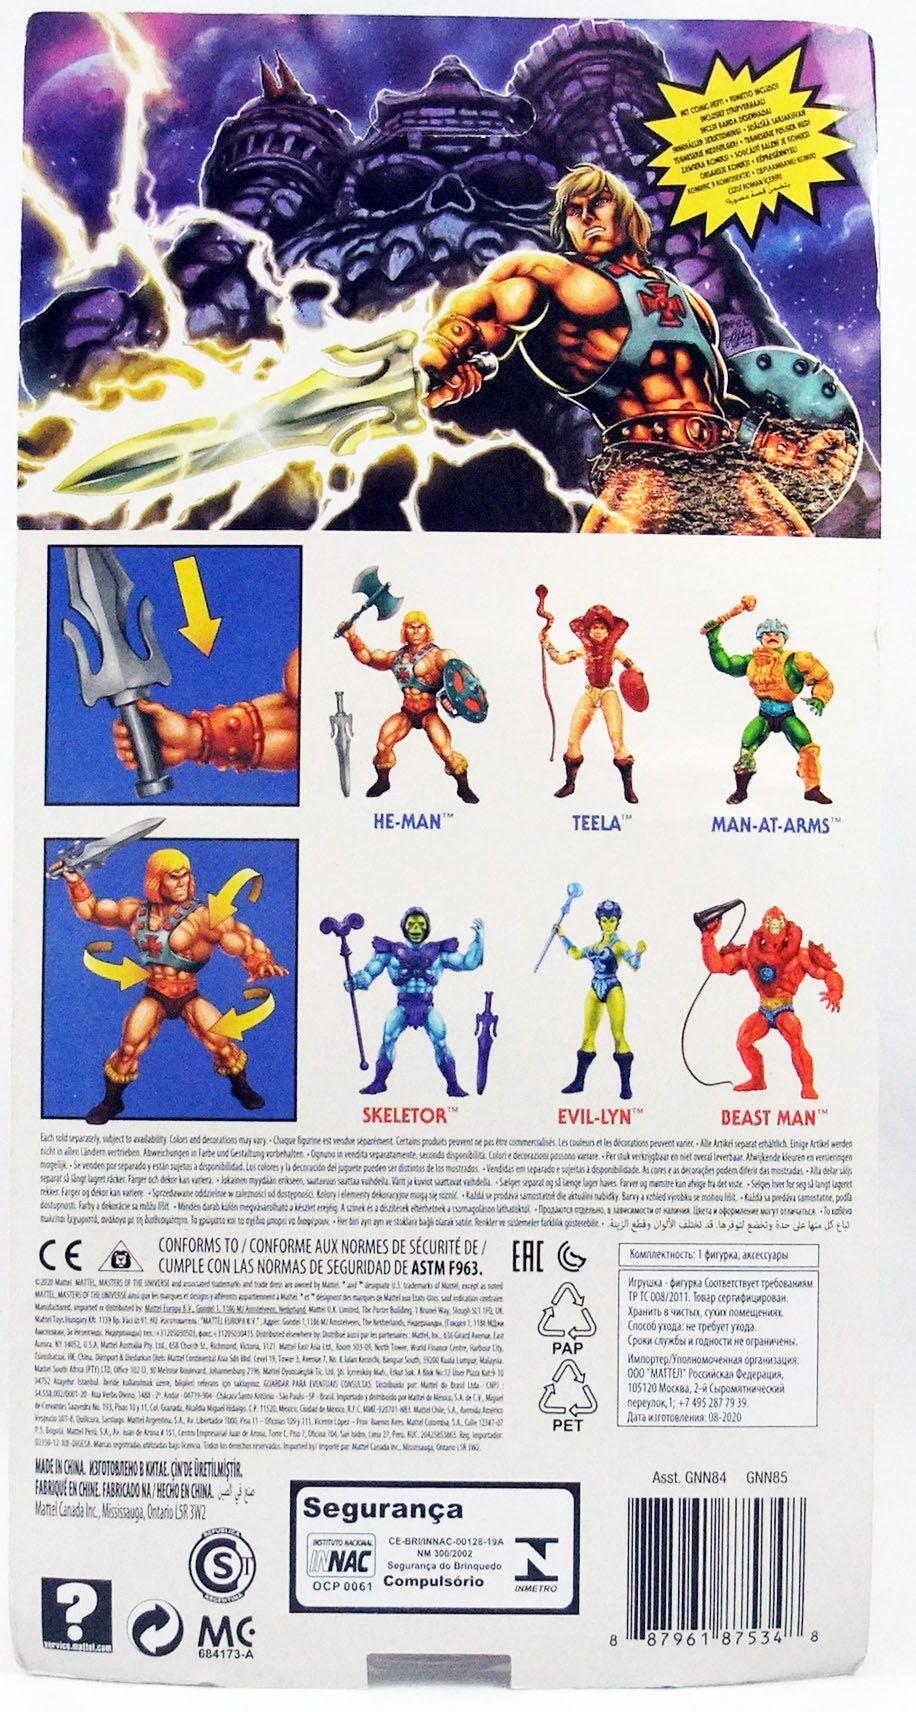 Les Maitres de l\'Univers Origins - He-Man (Musclor)